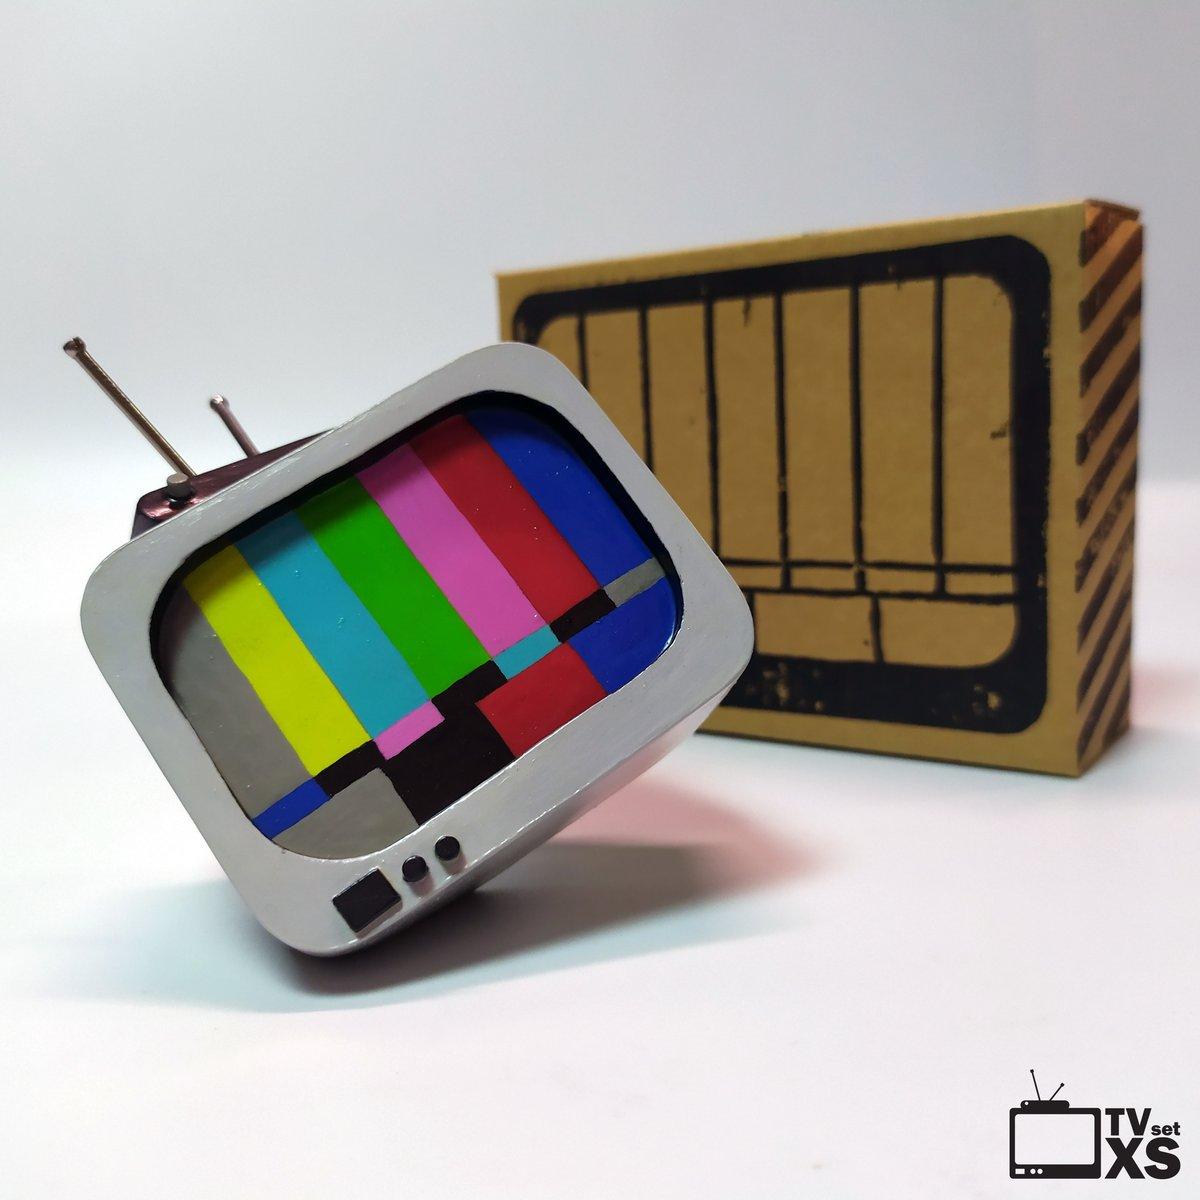 Image of TV-set XS version